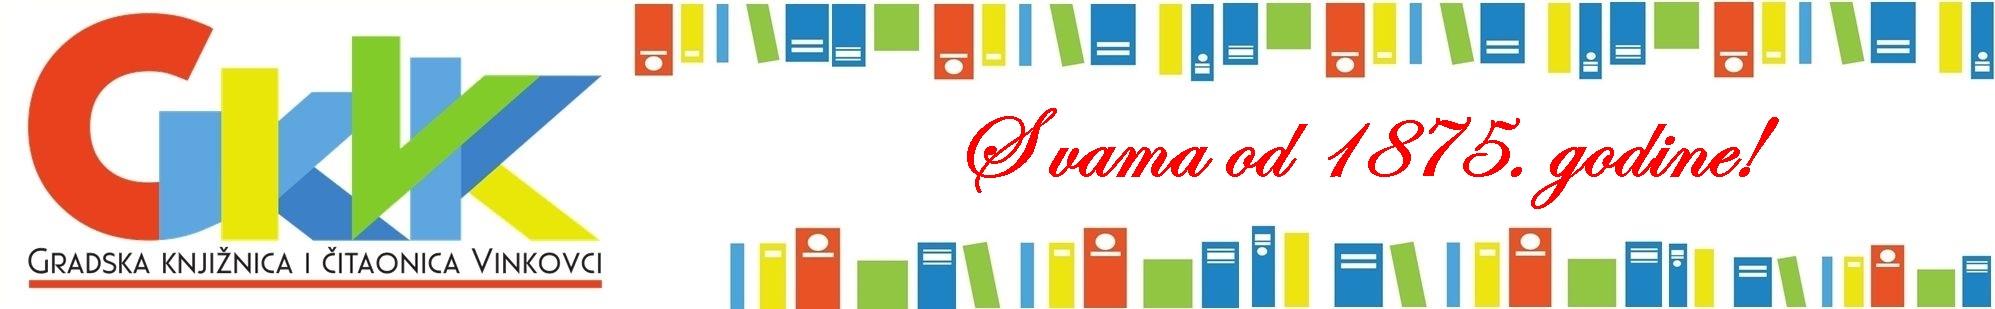 Gradska knjižnica i čitaonica Vinkovci